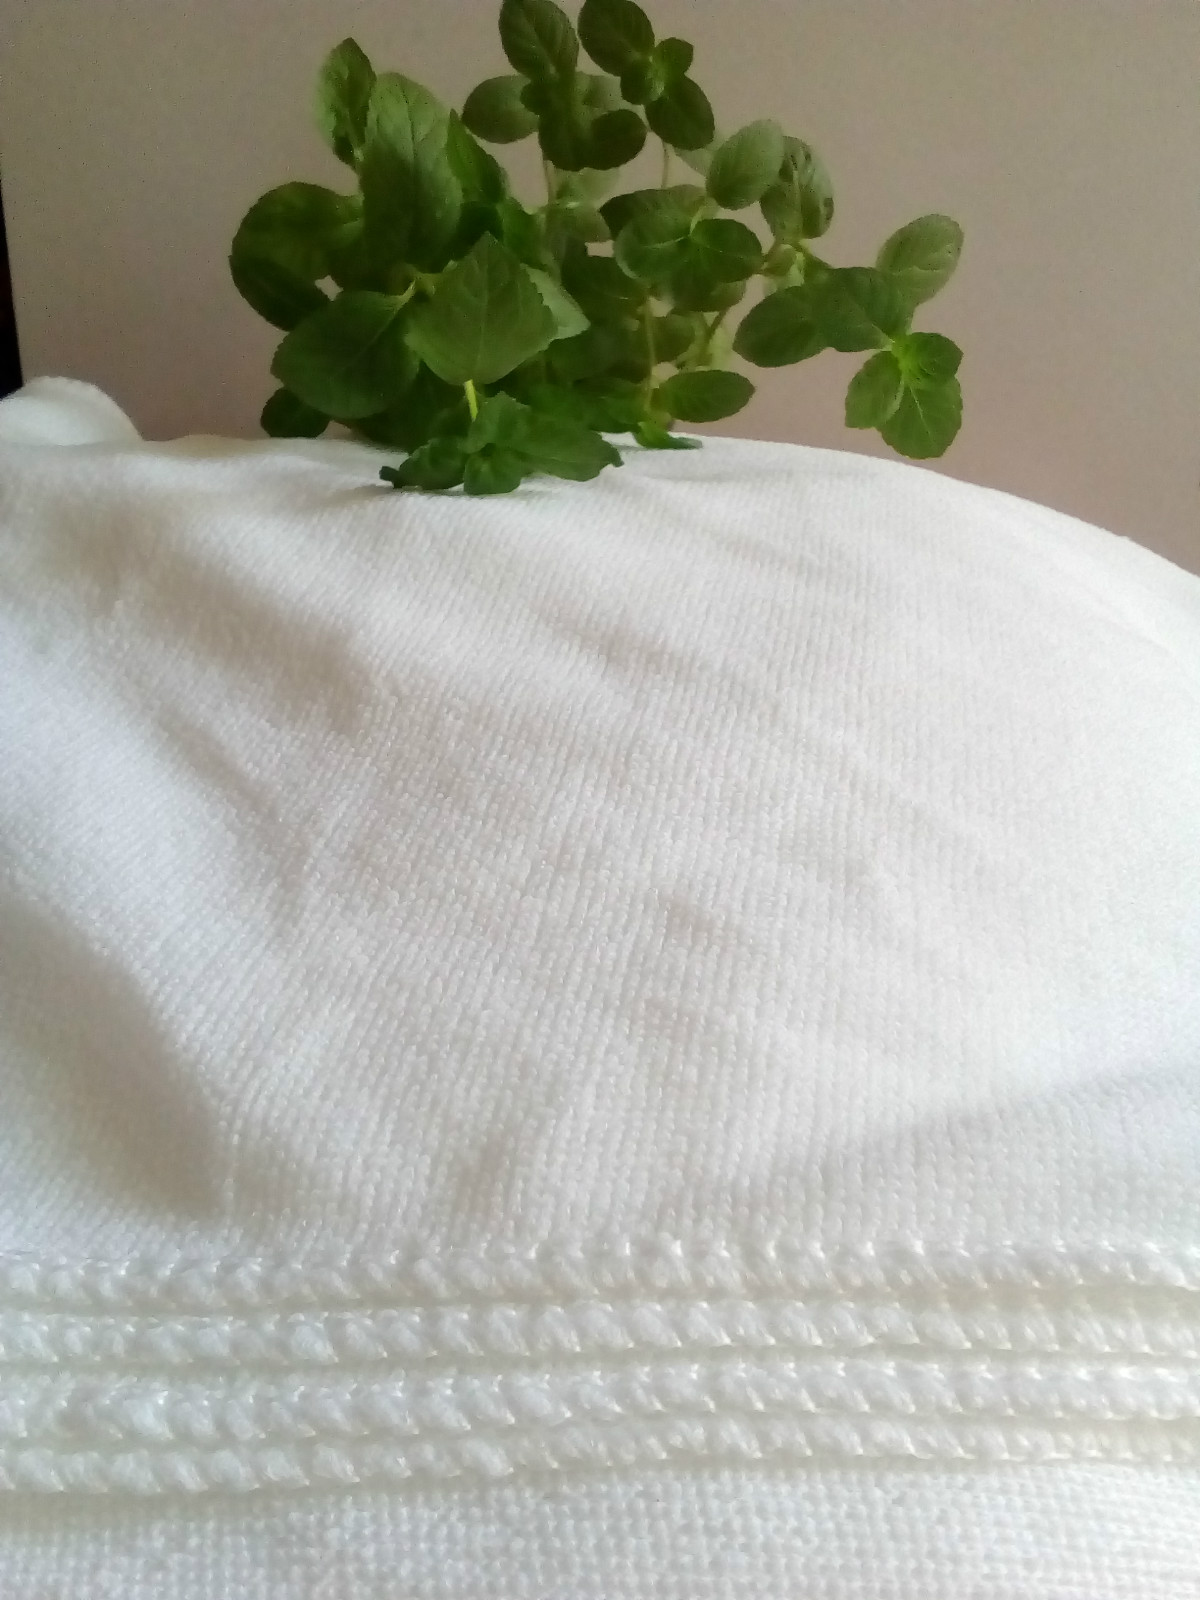 纤维白足疗特价酒店宾馆星级洗浴v纤维一次性竹纯棉非面巾毛巾3Dprinter图片